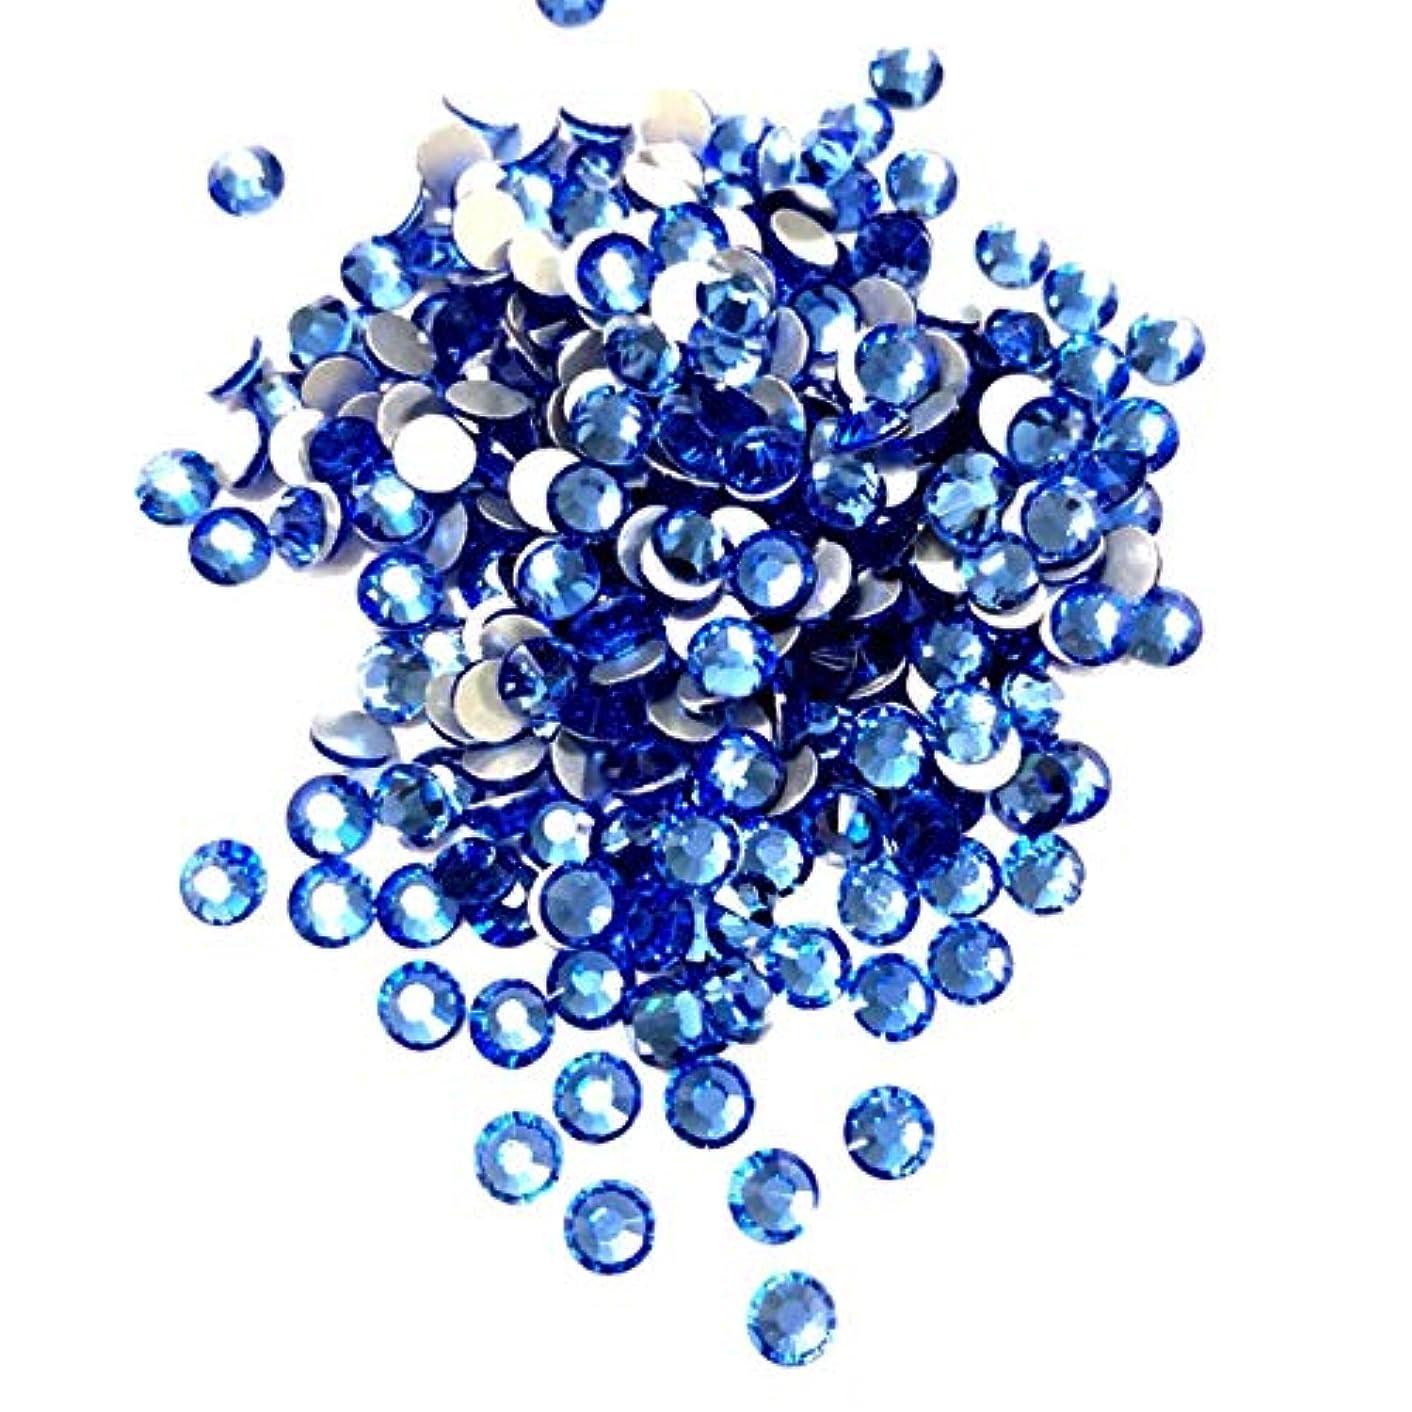 会社高潔なブルーム【ネイルウーマン】最高品質ガラスストーン!スワロ同等の輝き! ライトサファイア ブルー 水色 (約100粒入り) (ライトサファイア) (SS5, ライトサファイア)